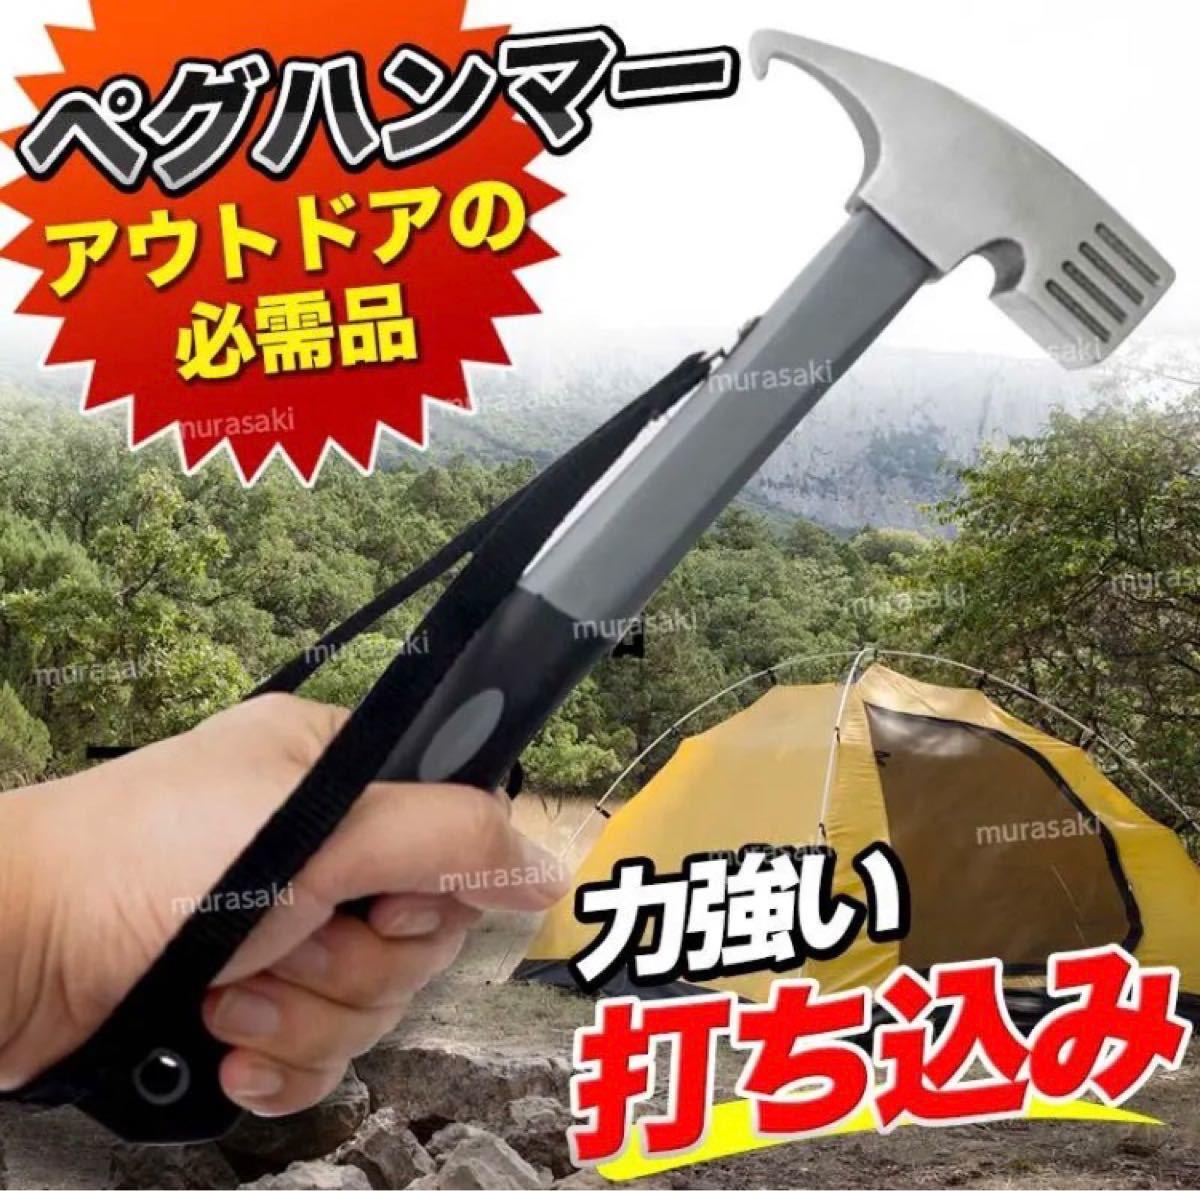 キャンプ用品 ペグハンマー